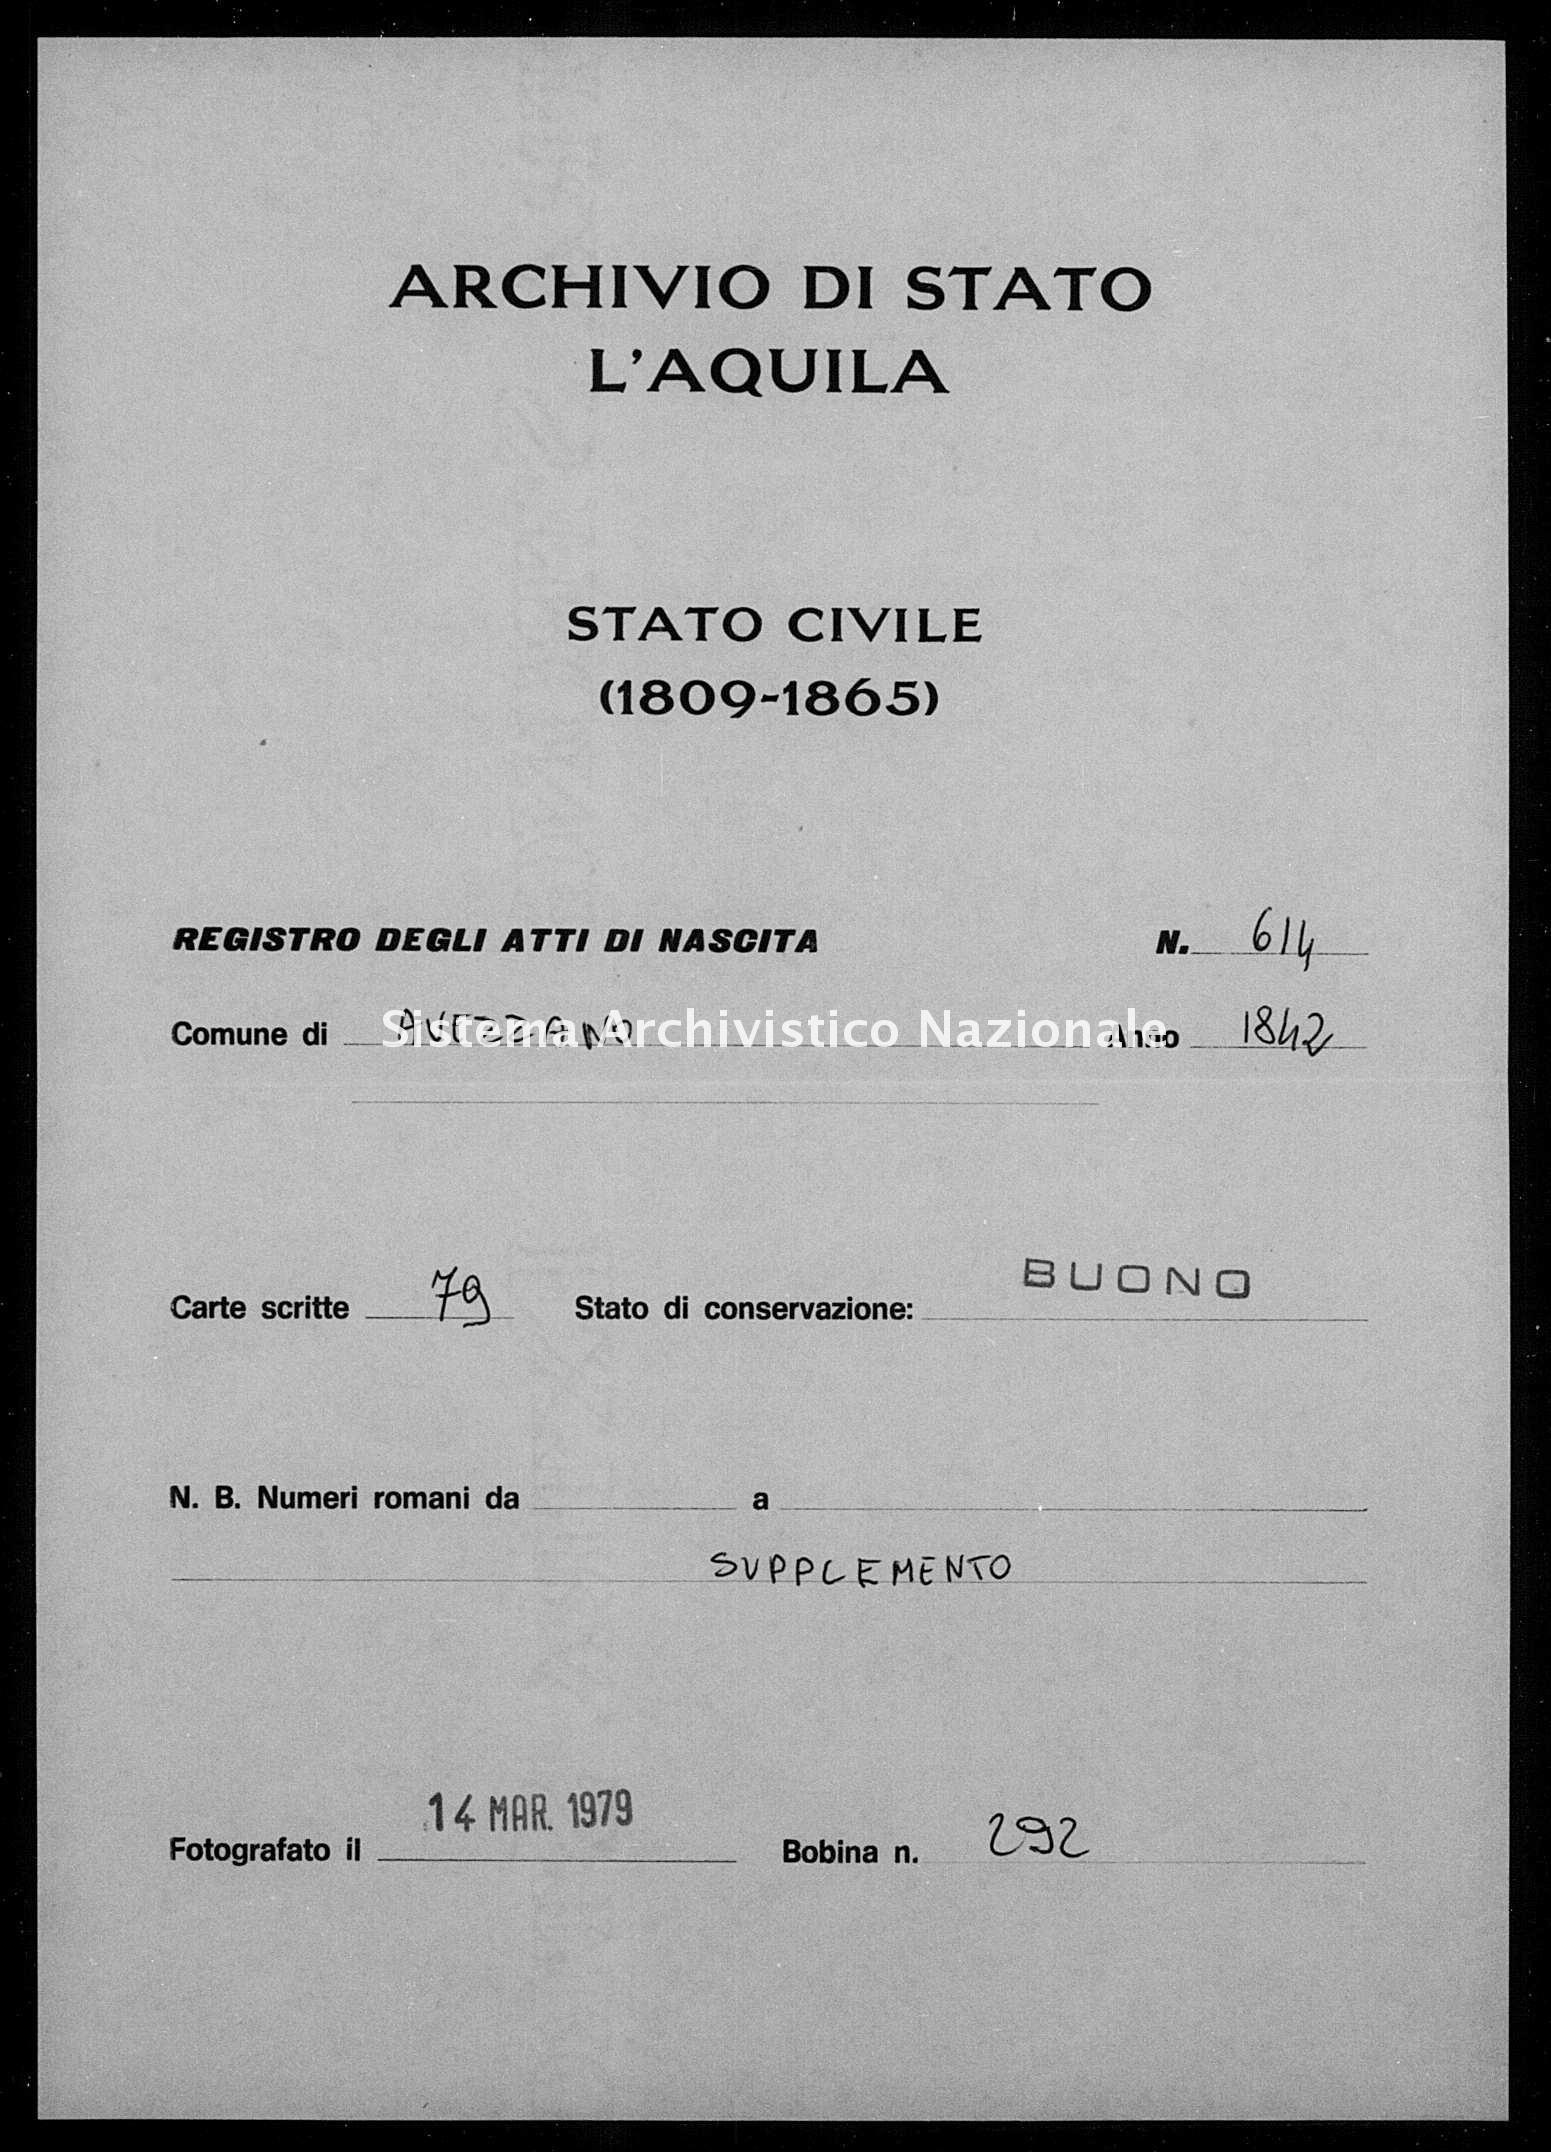 Archivio di stato di L'aquila - Stato civile della restaurazione - Avezzano - Nati, battesimi - 1842 - 614 -